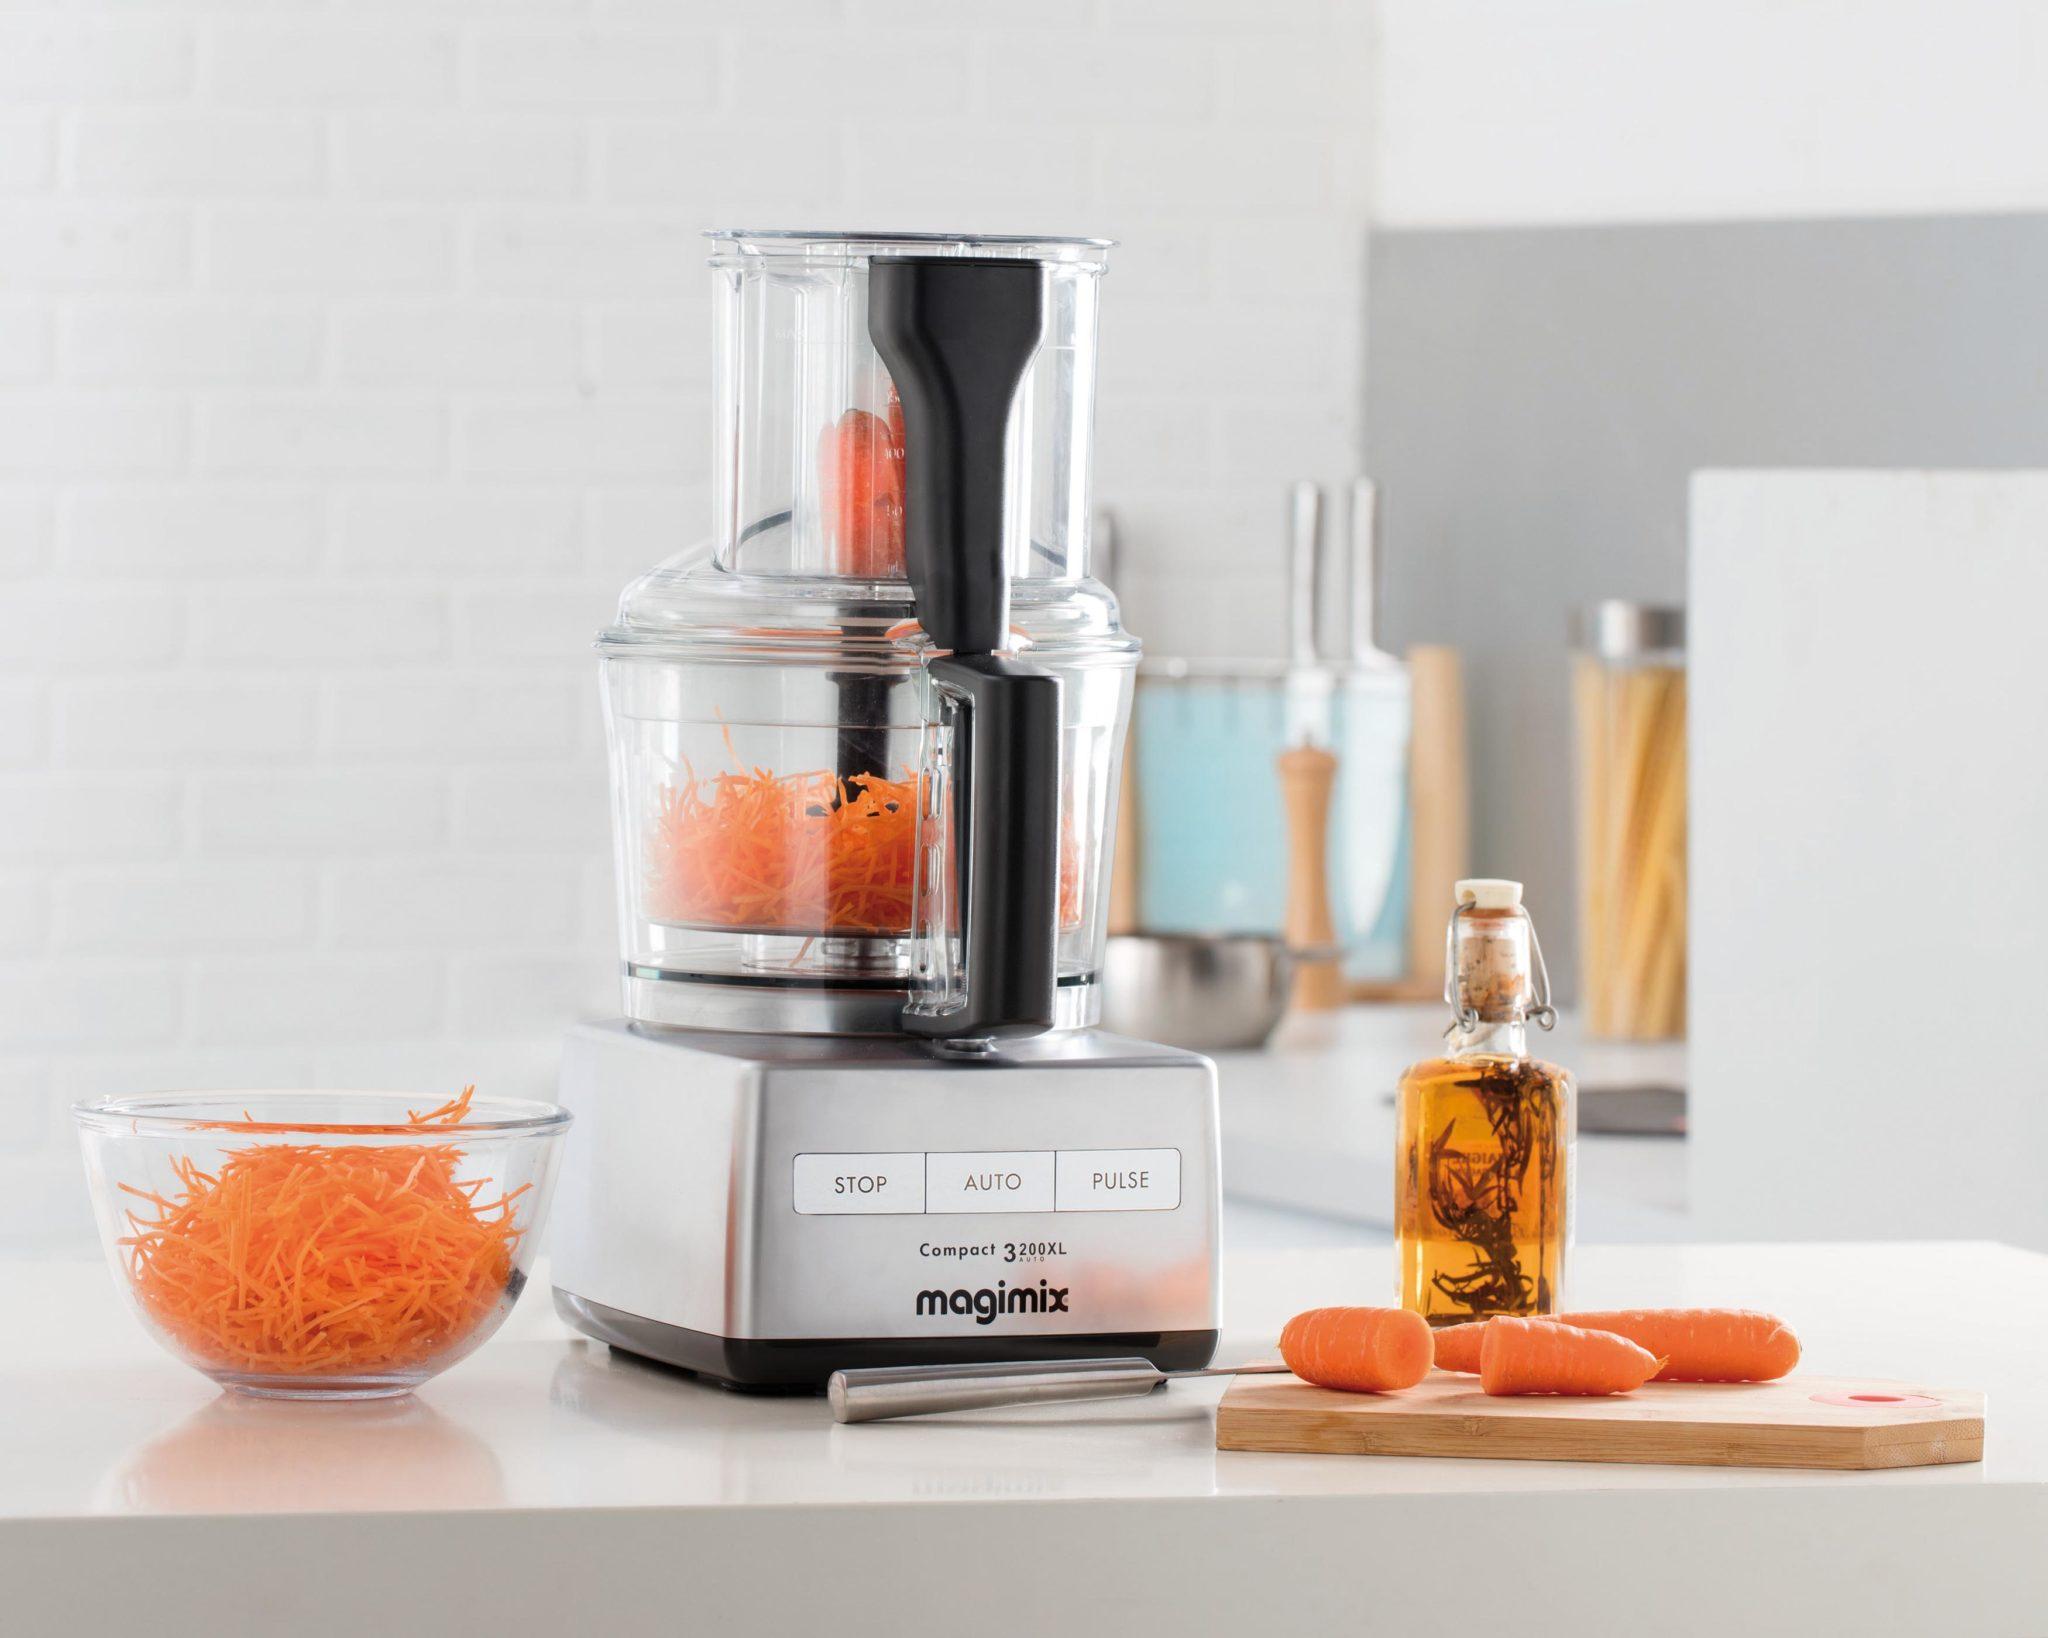 magimix robot da cucina